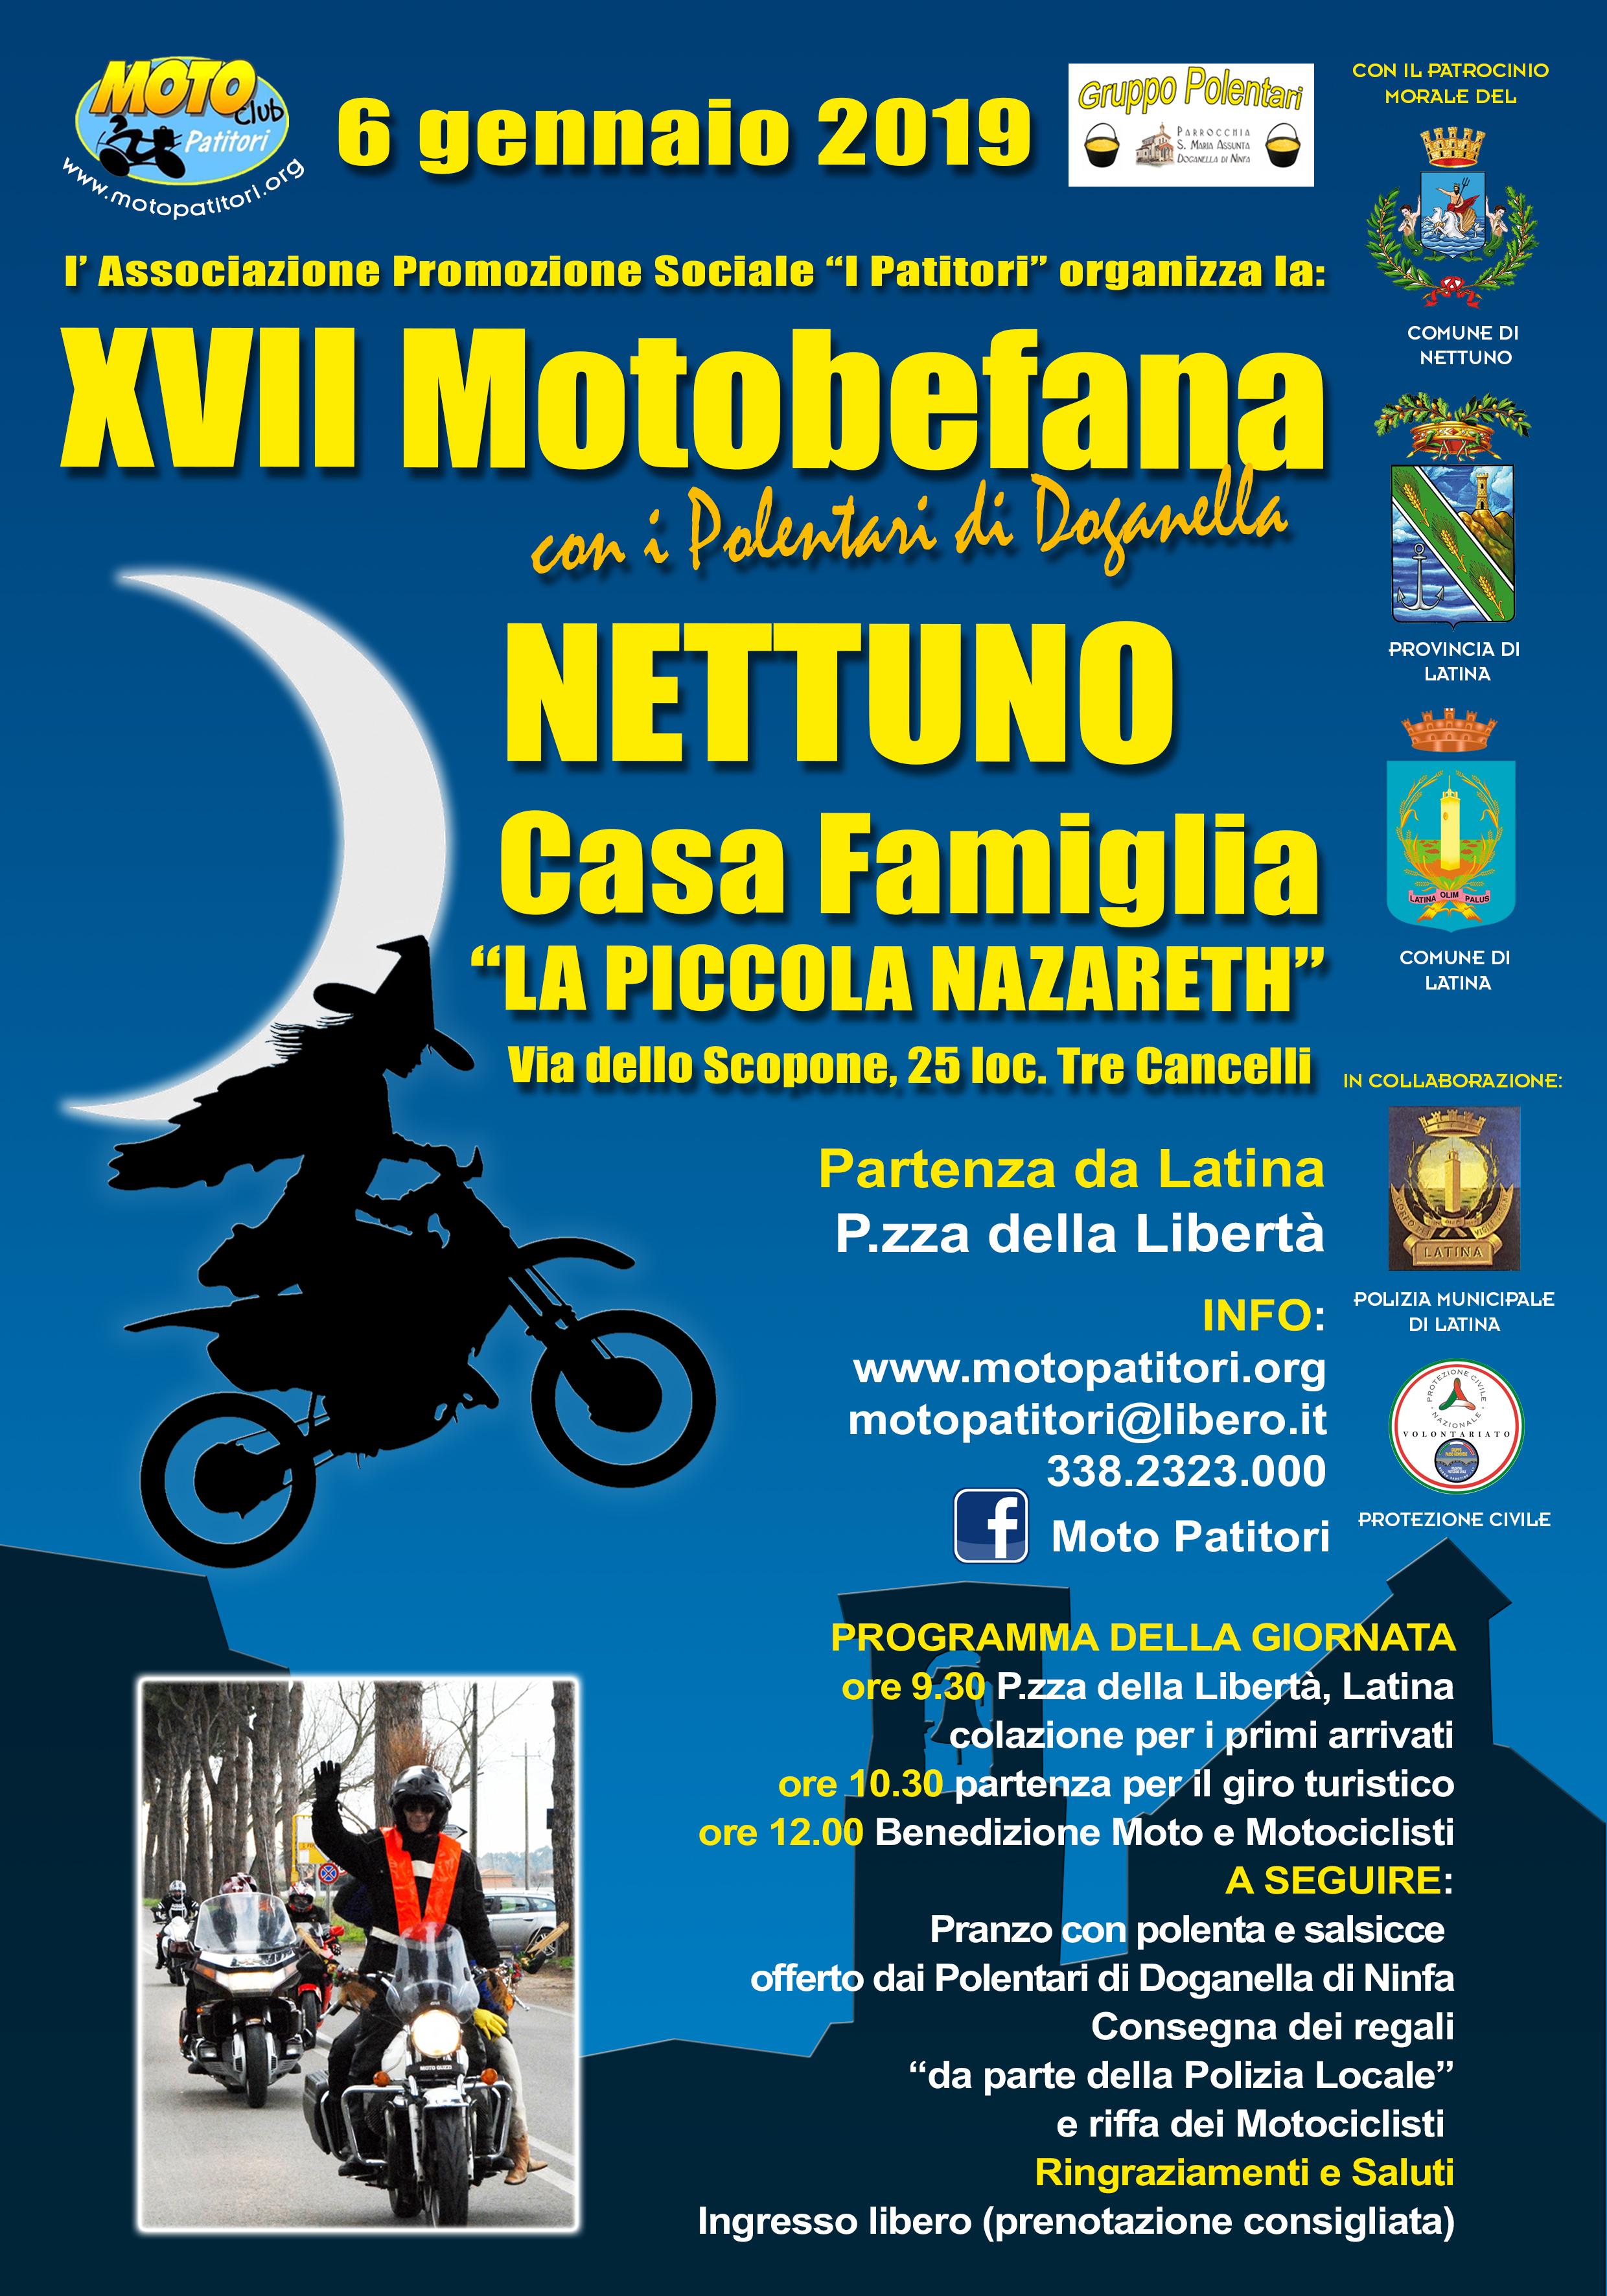 """A Nettuno il Motoclub i Patitori organizza la """"Motobefana della Solidarietà"""""""